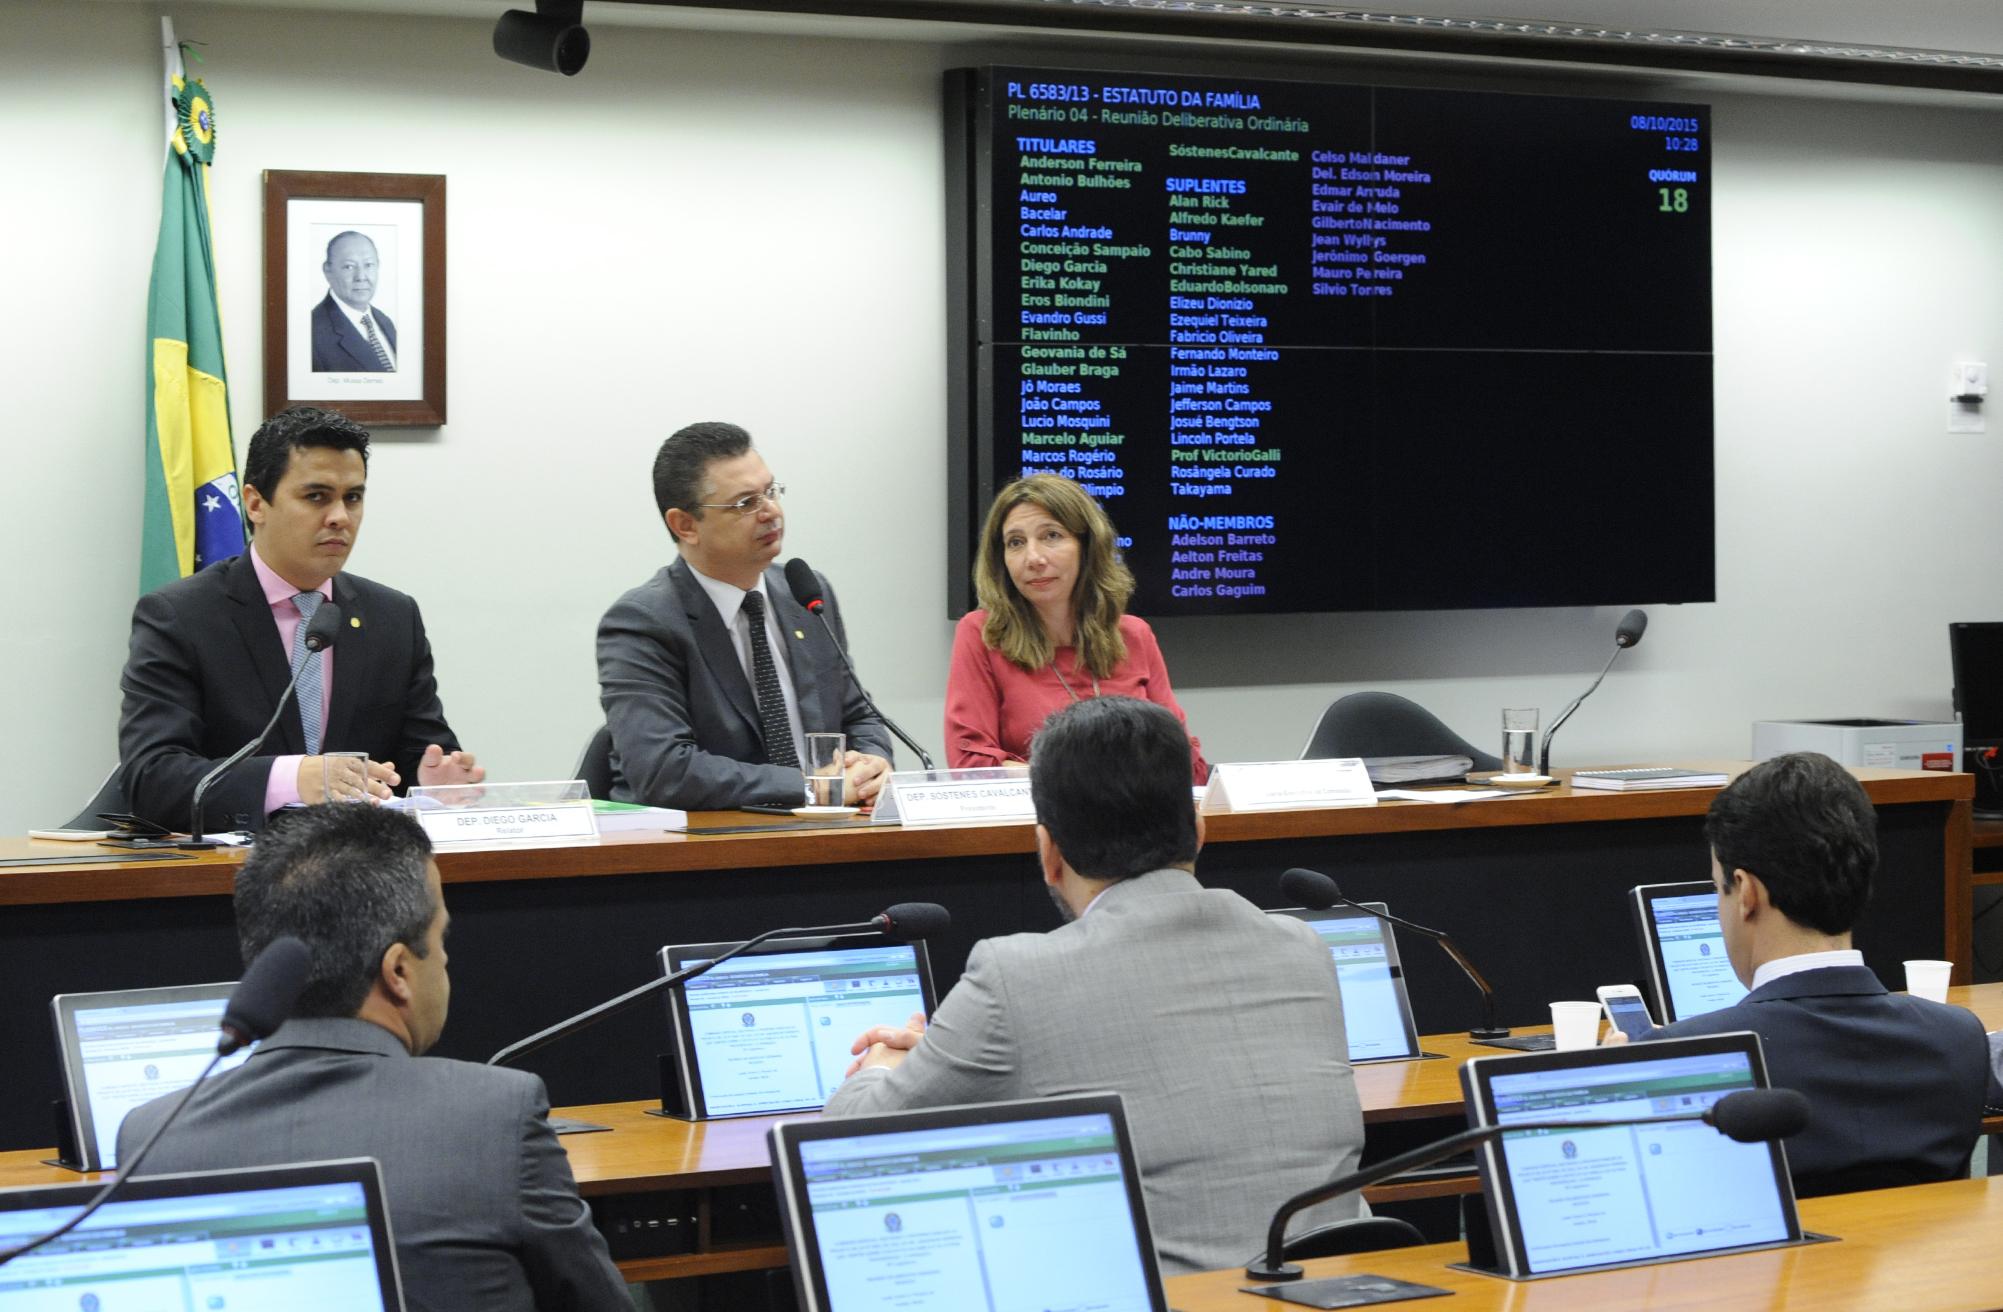 Reunião ordinária para continuação da votação dos destaques do relatório